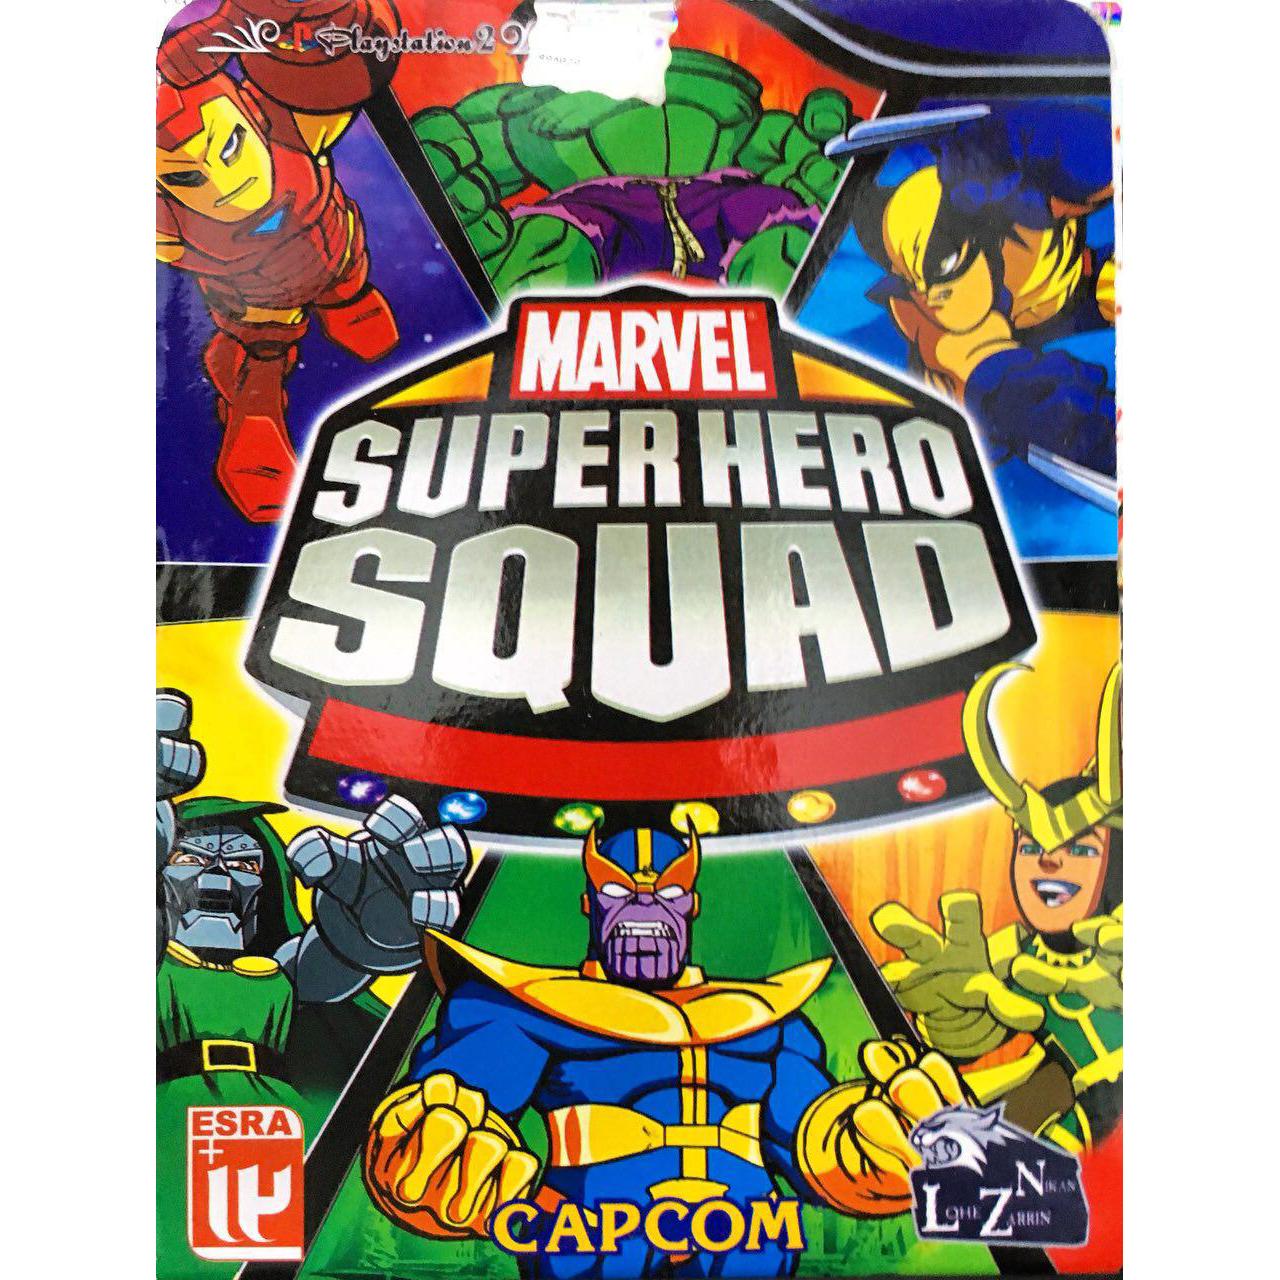 بازی  MARVEL SUPER HERO SQUAD مخصوص پلی استیشن 2